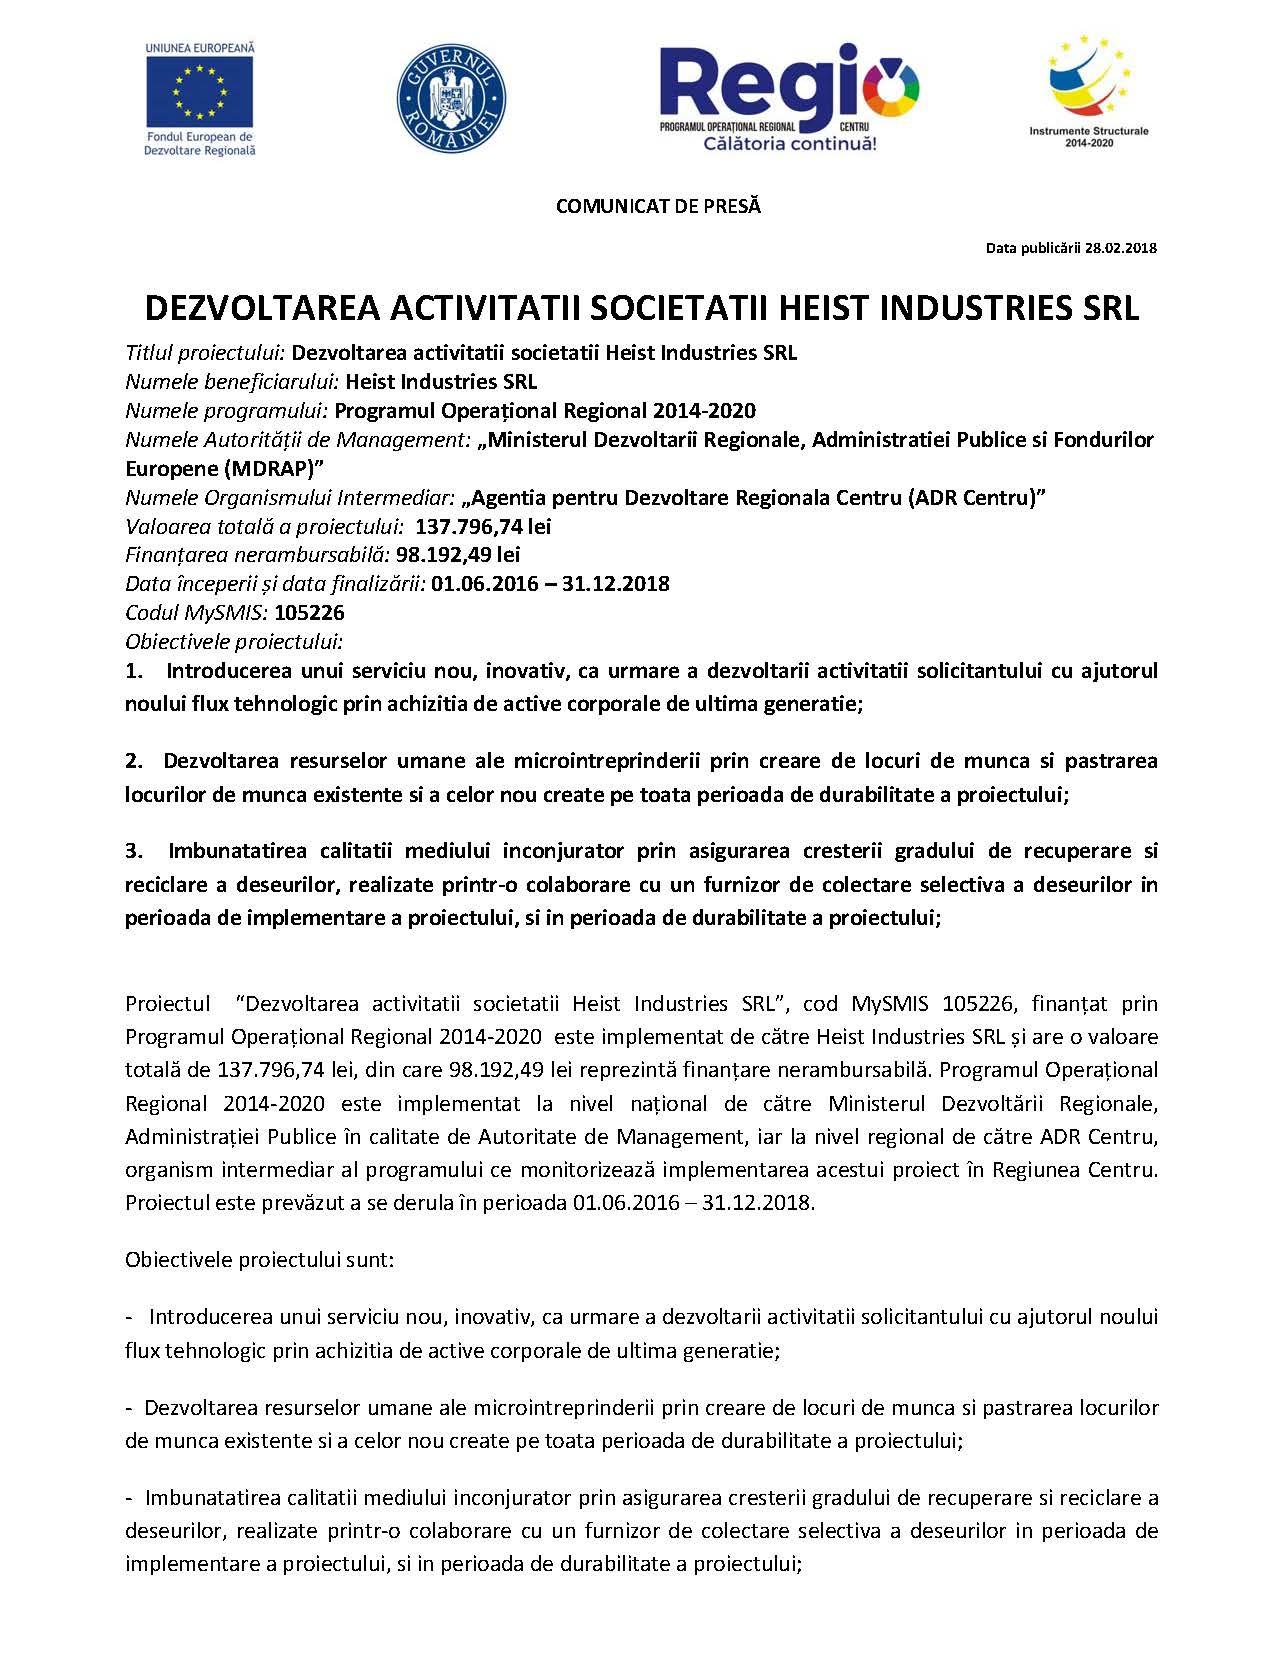 Comunicat-de-presa-policrom_Page_1